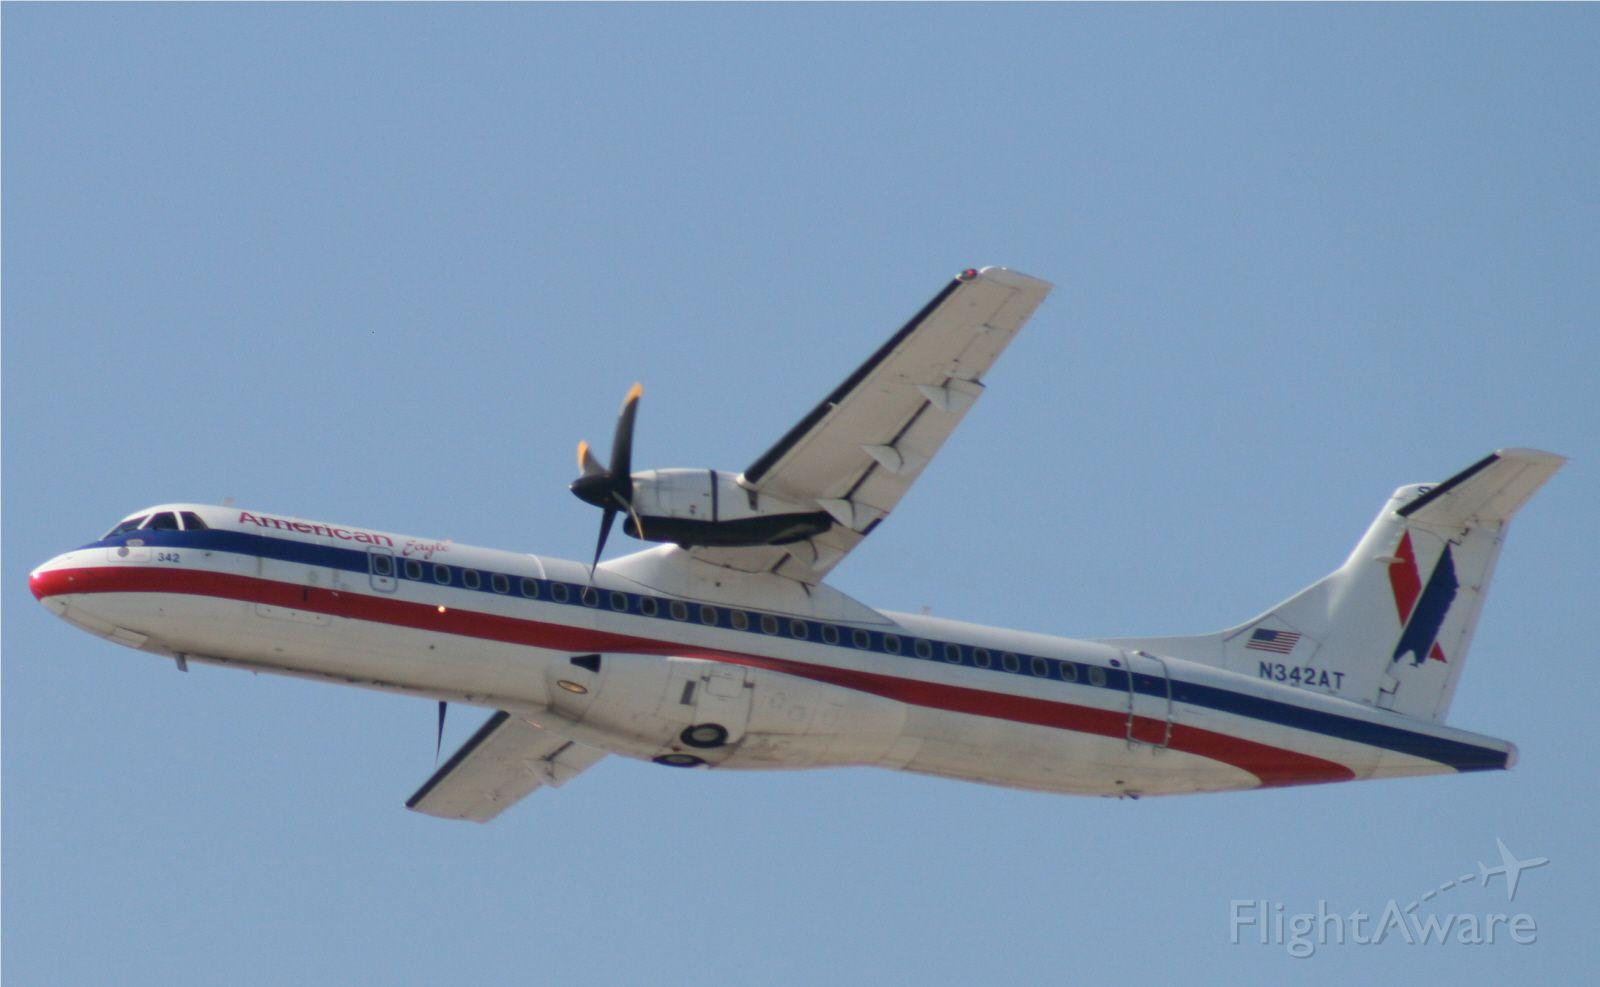 ATR ATR-72 (N342AT)